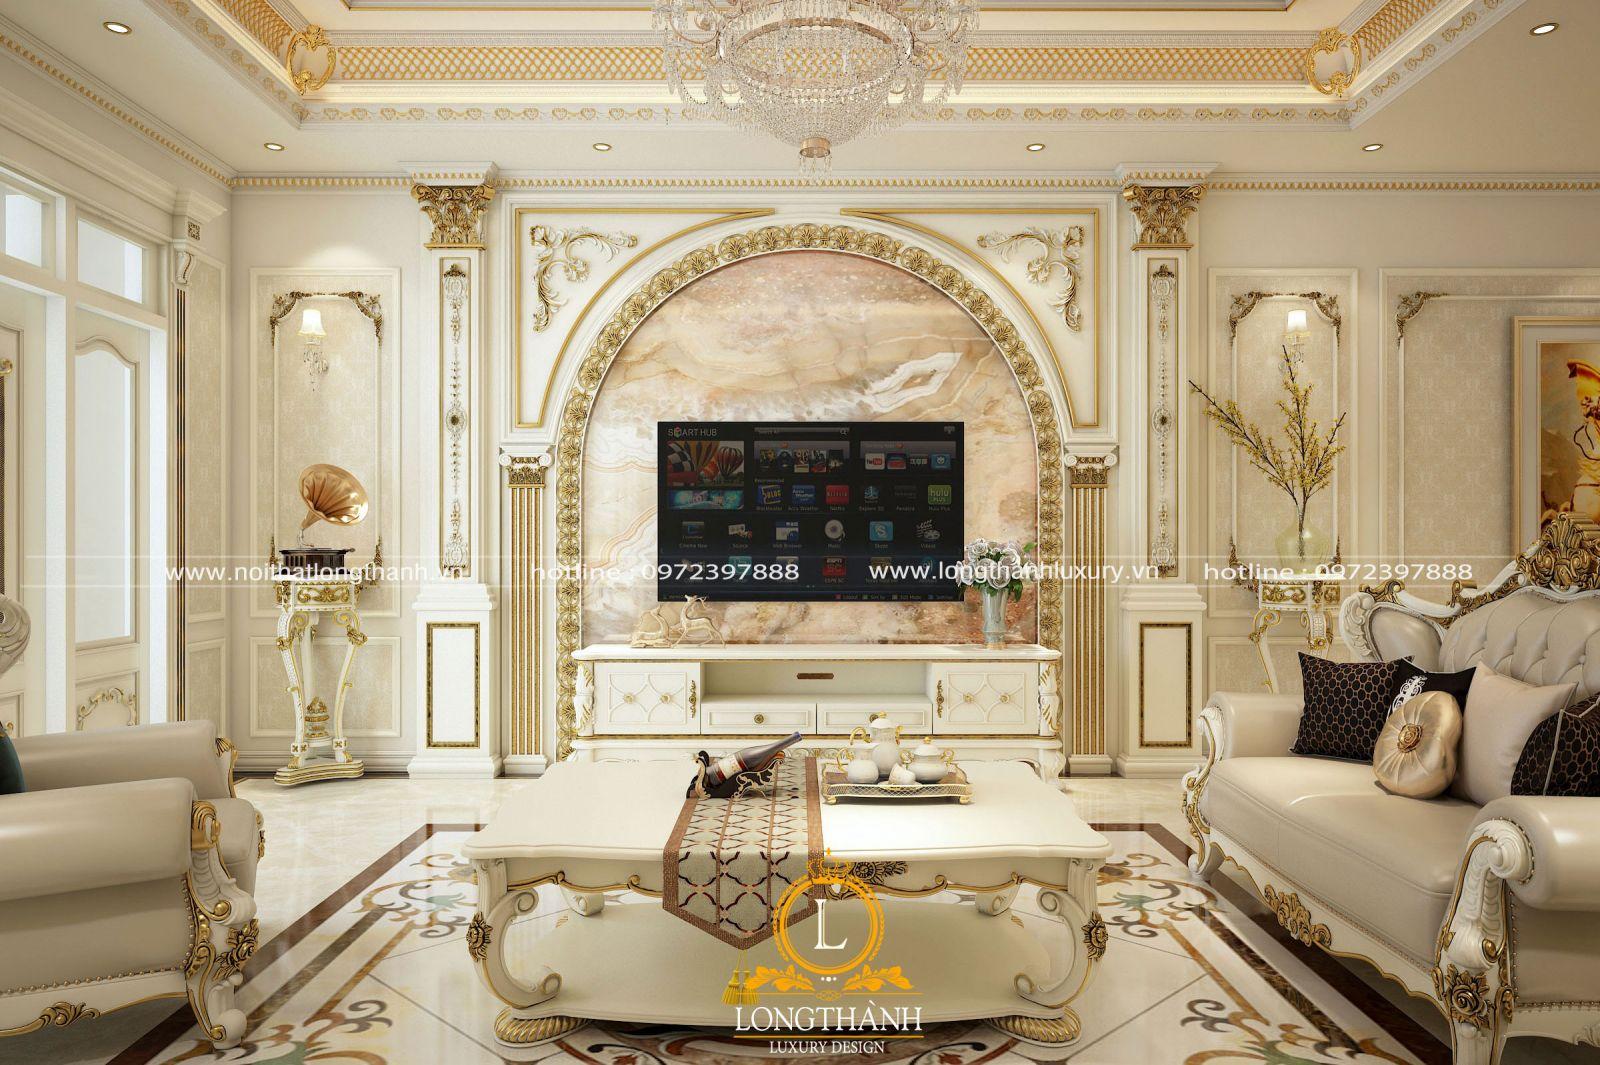 Phong cách Châu Âu hoàng  gia cho phòng khách lộng lẫy